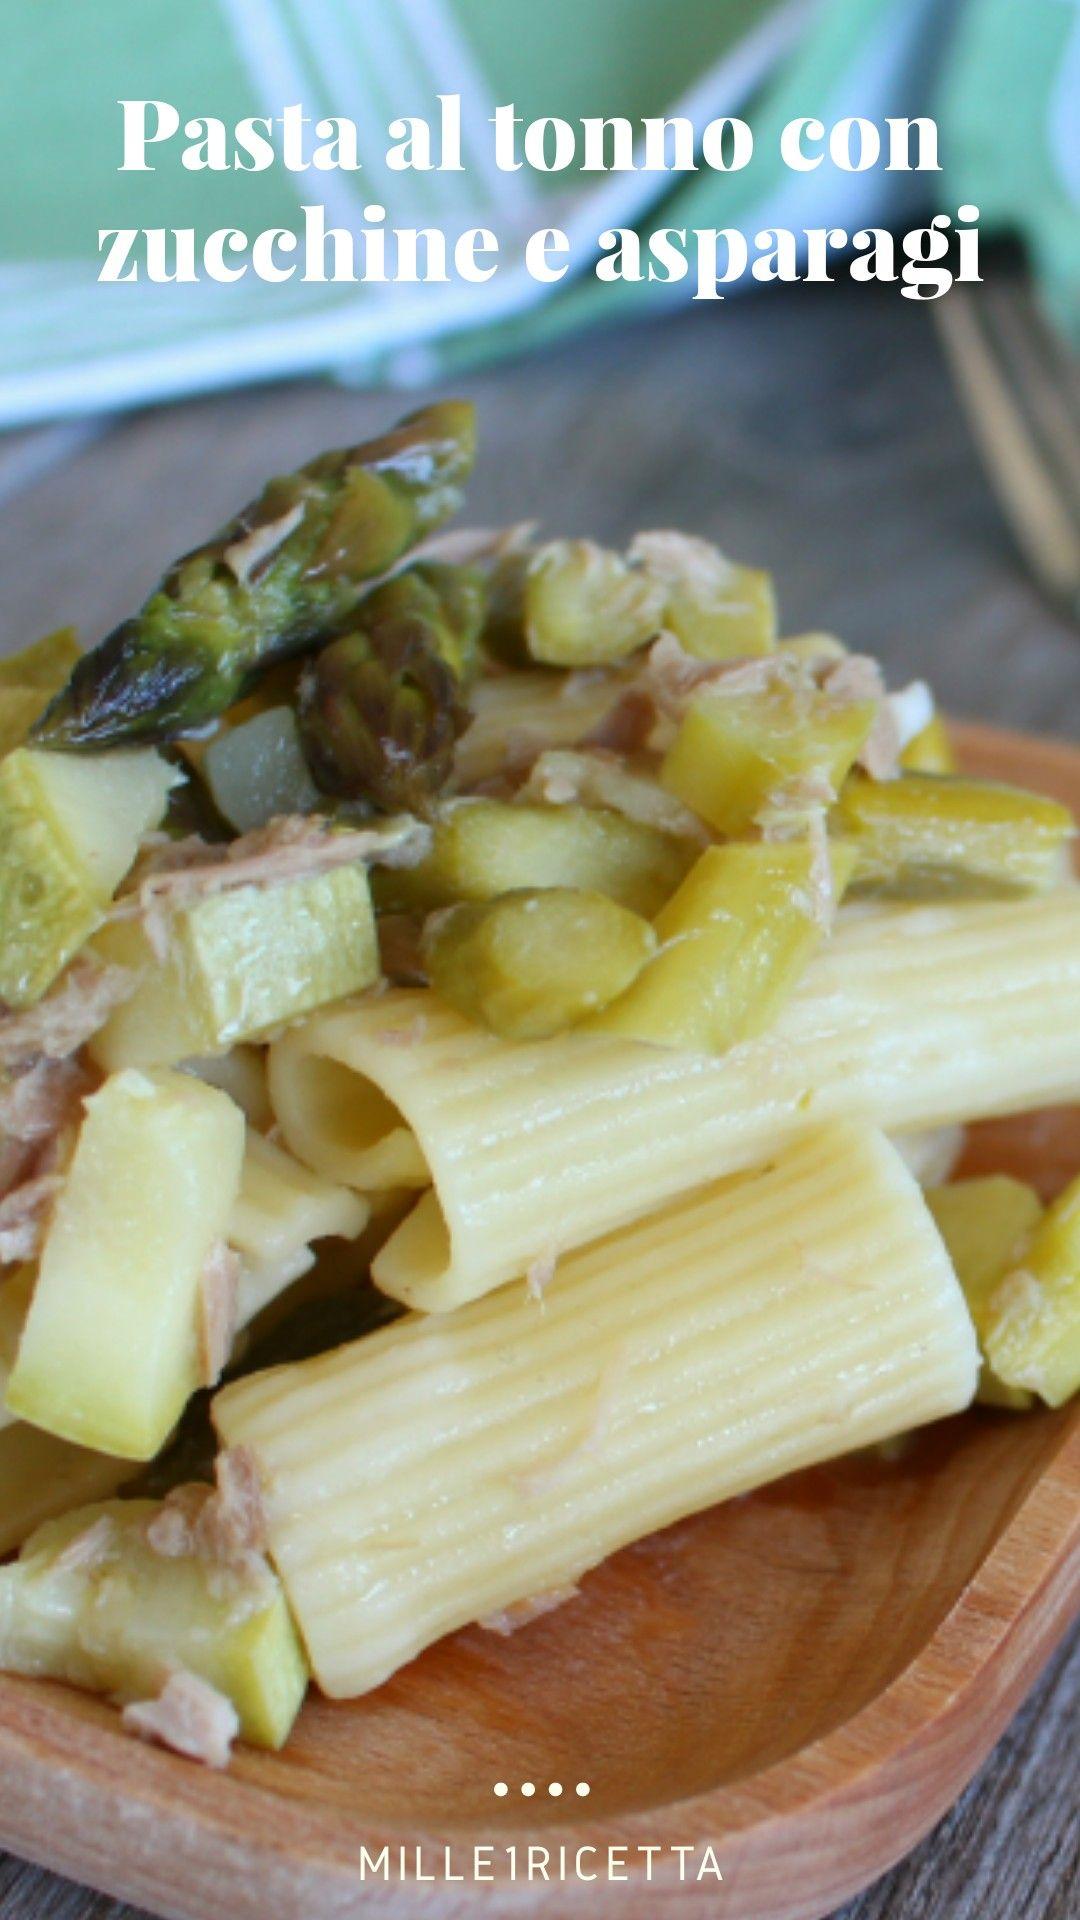 Pasta al tonno con zucchine e asparagi | Primi Piatti -La ...